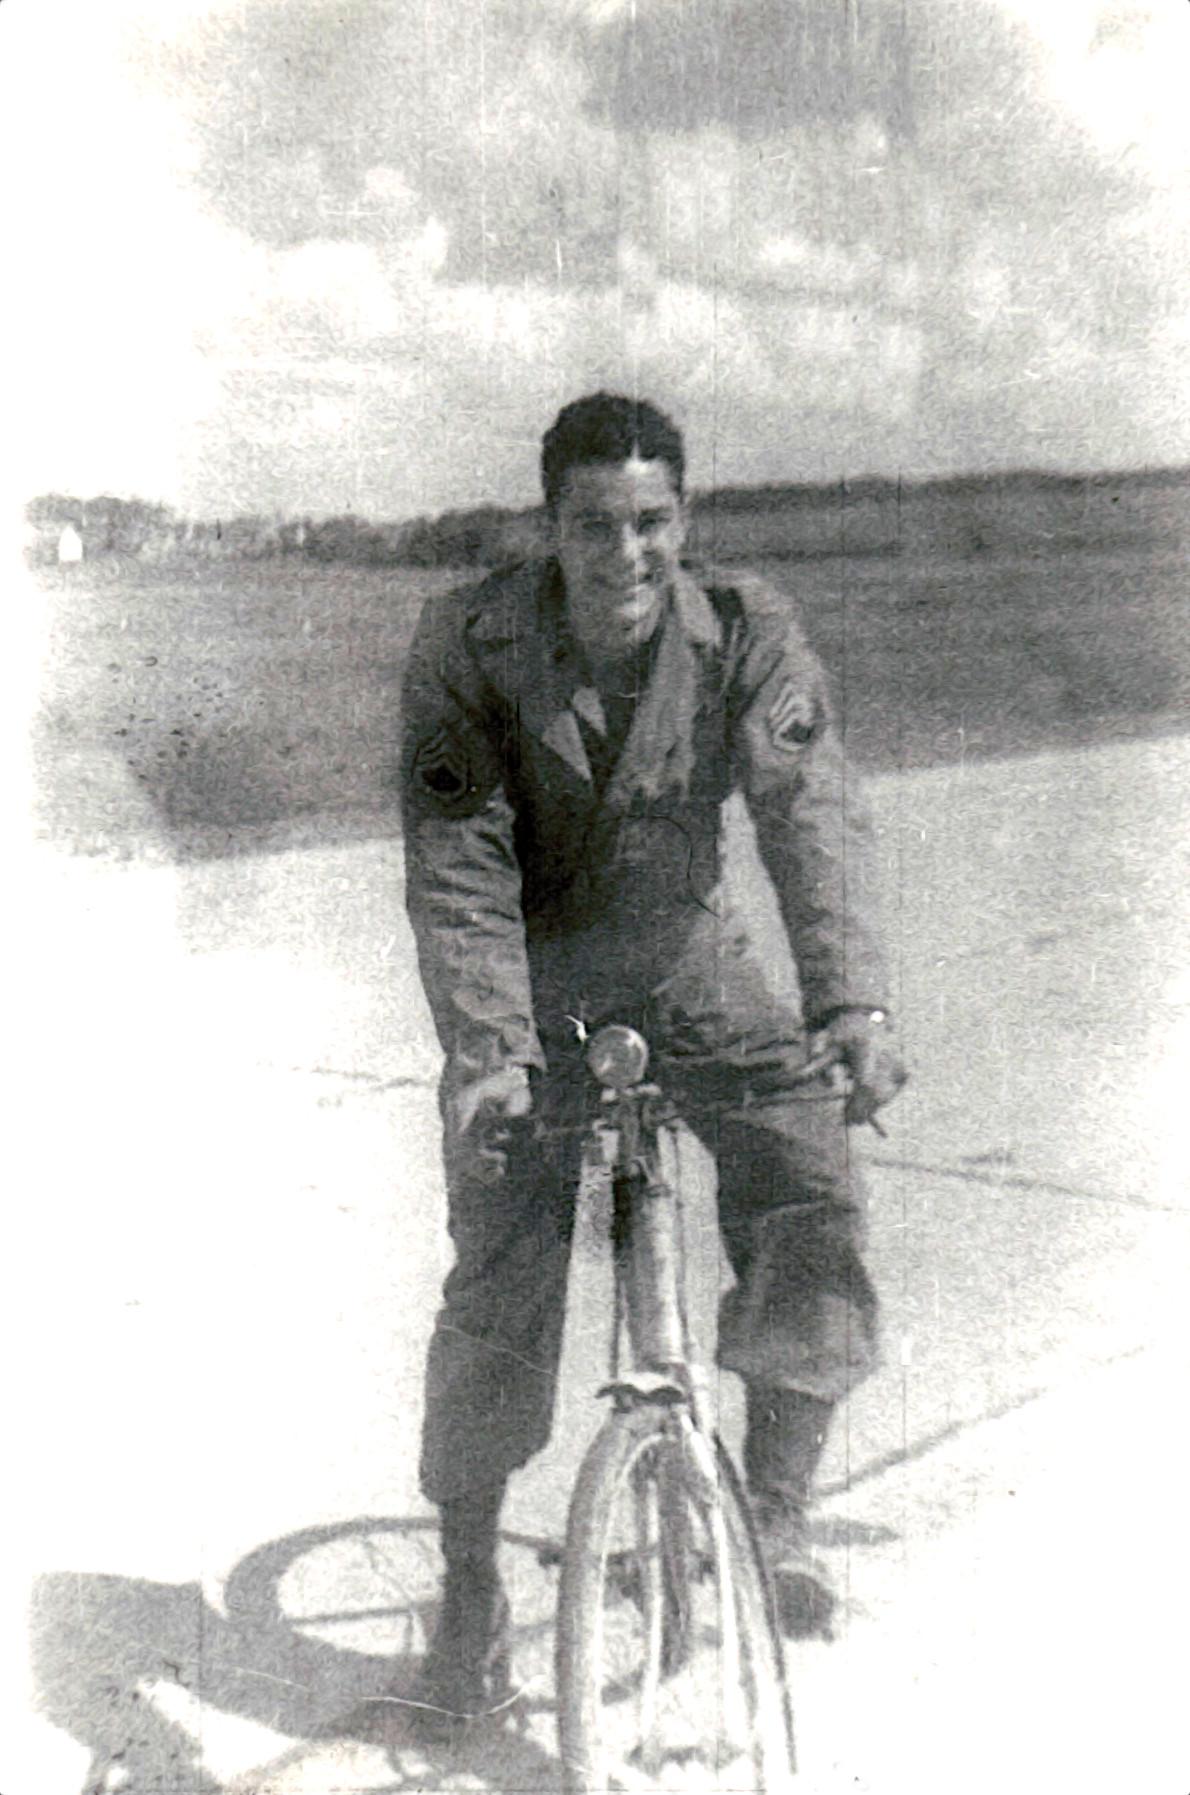 Hotard on Bike